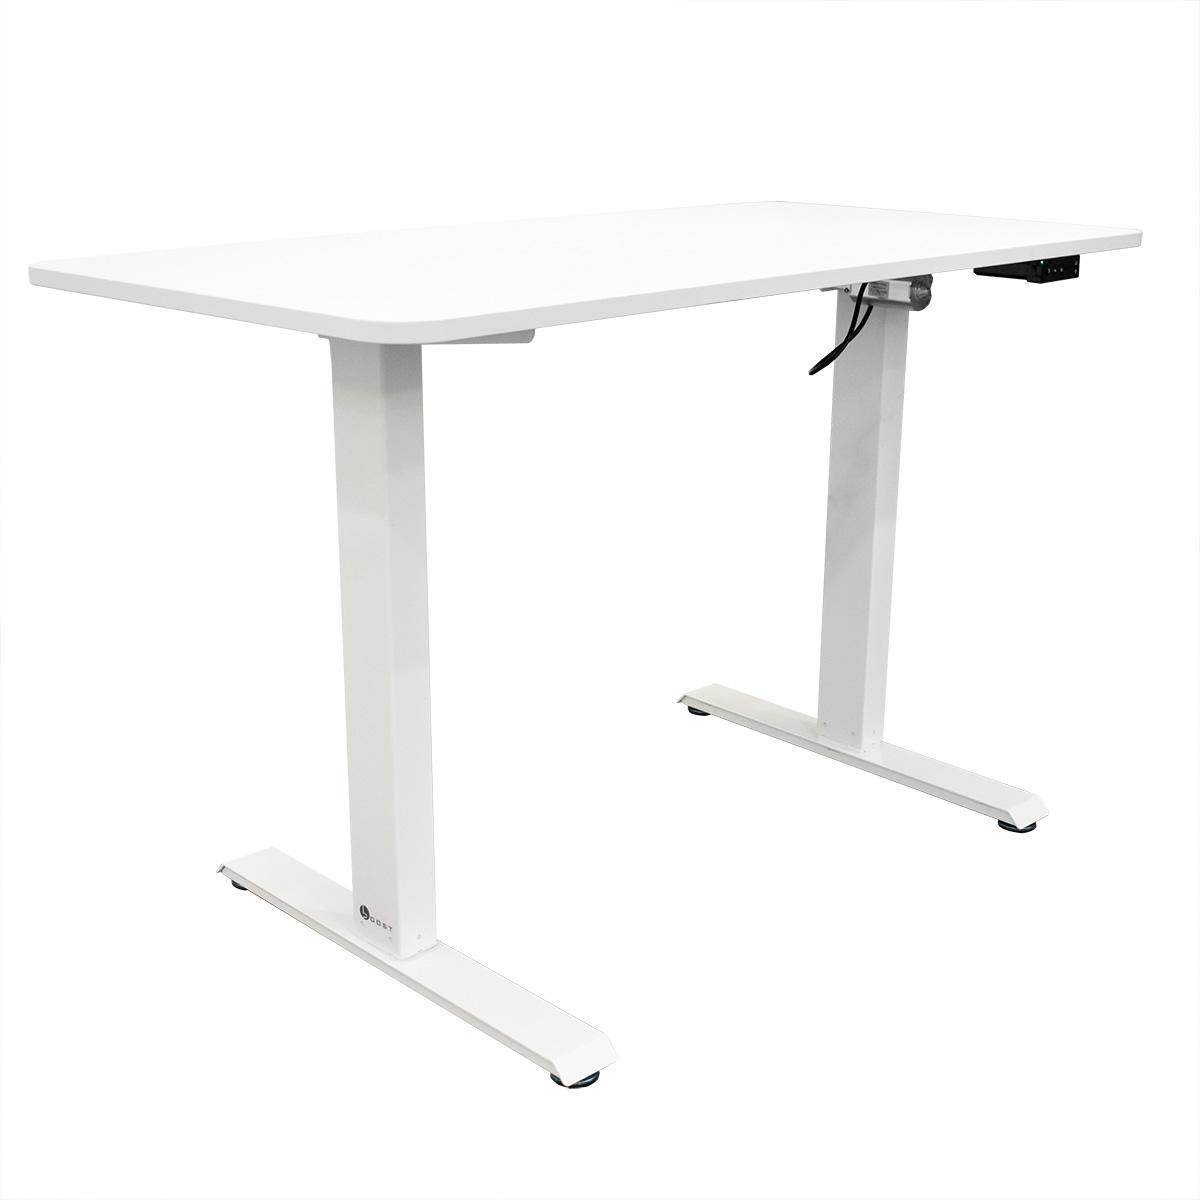 FS-MD47-WH White Motorized Desk Riser